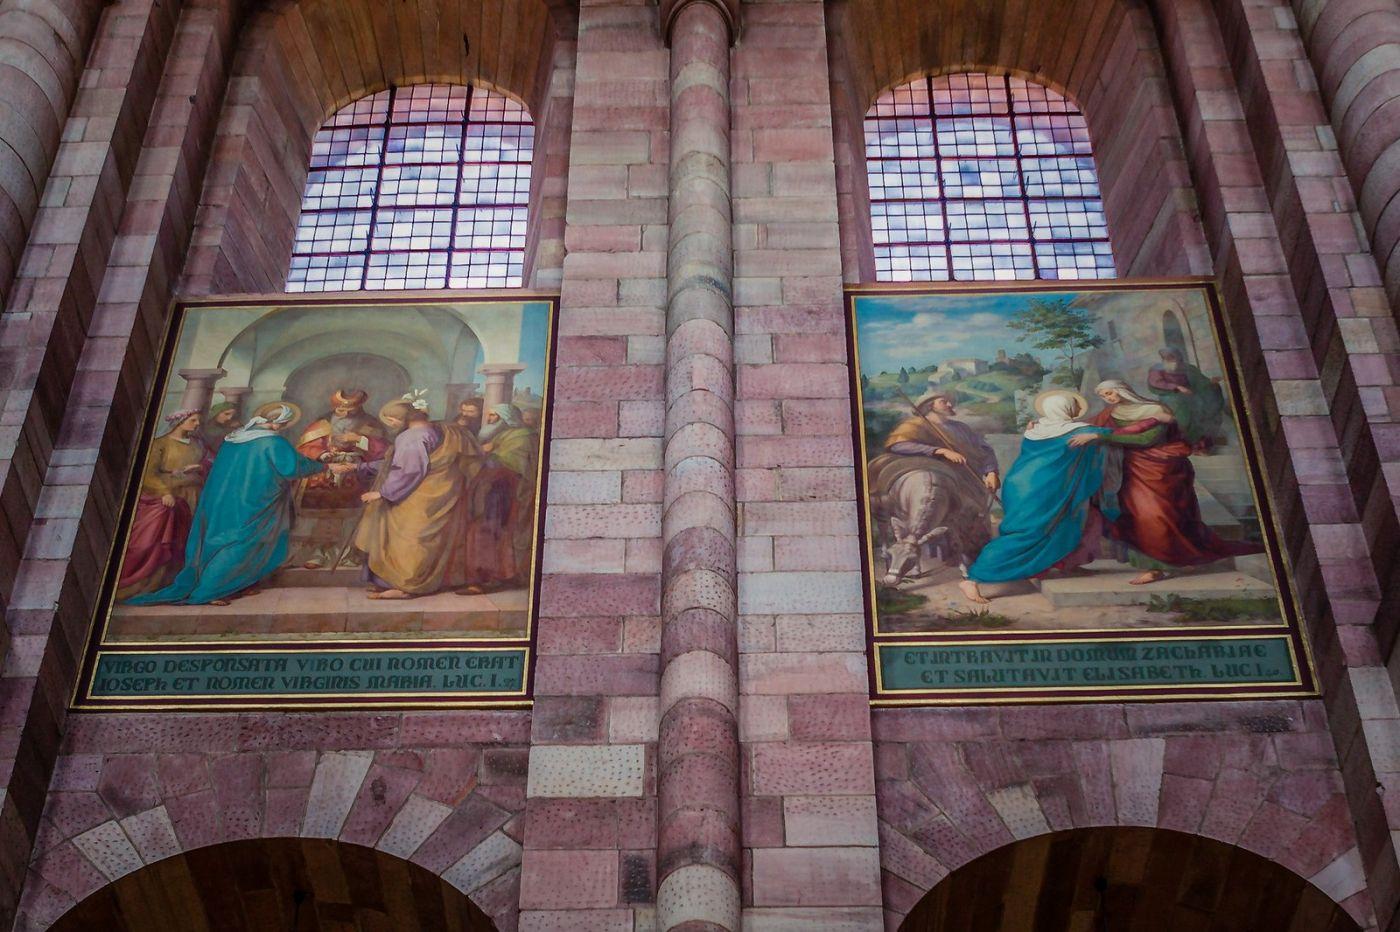 德国施派尔(Speyer)大教堂,标志建筑_图1-7